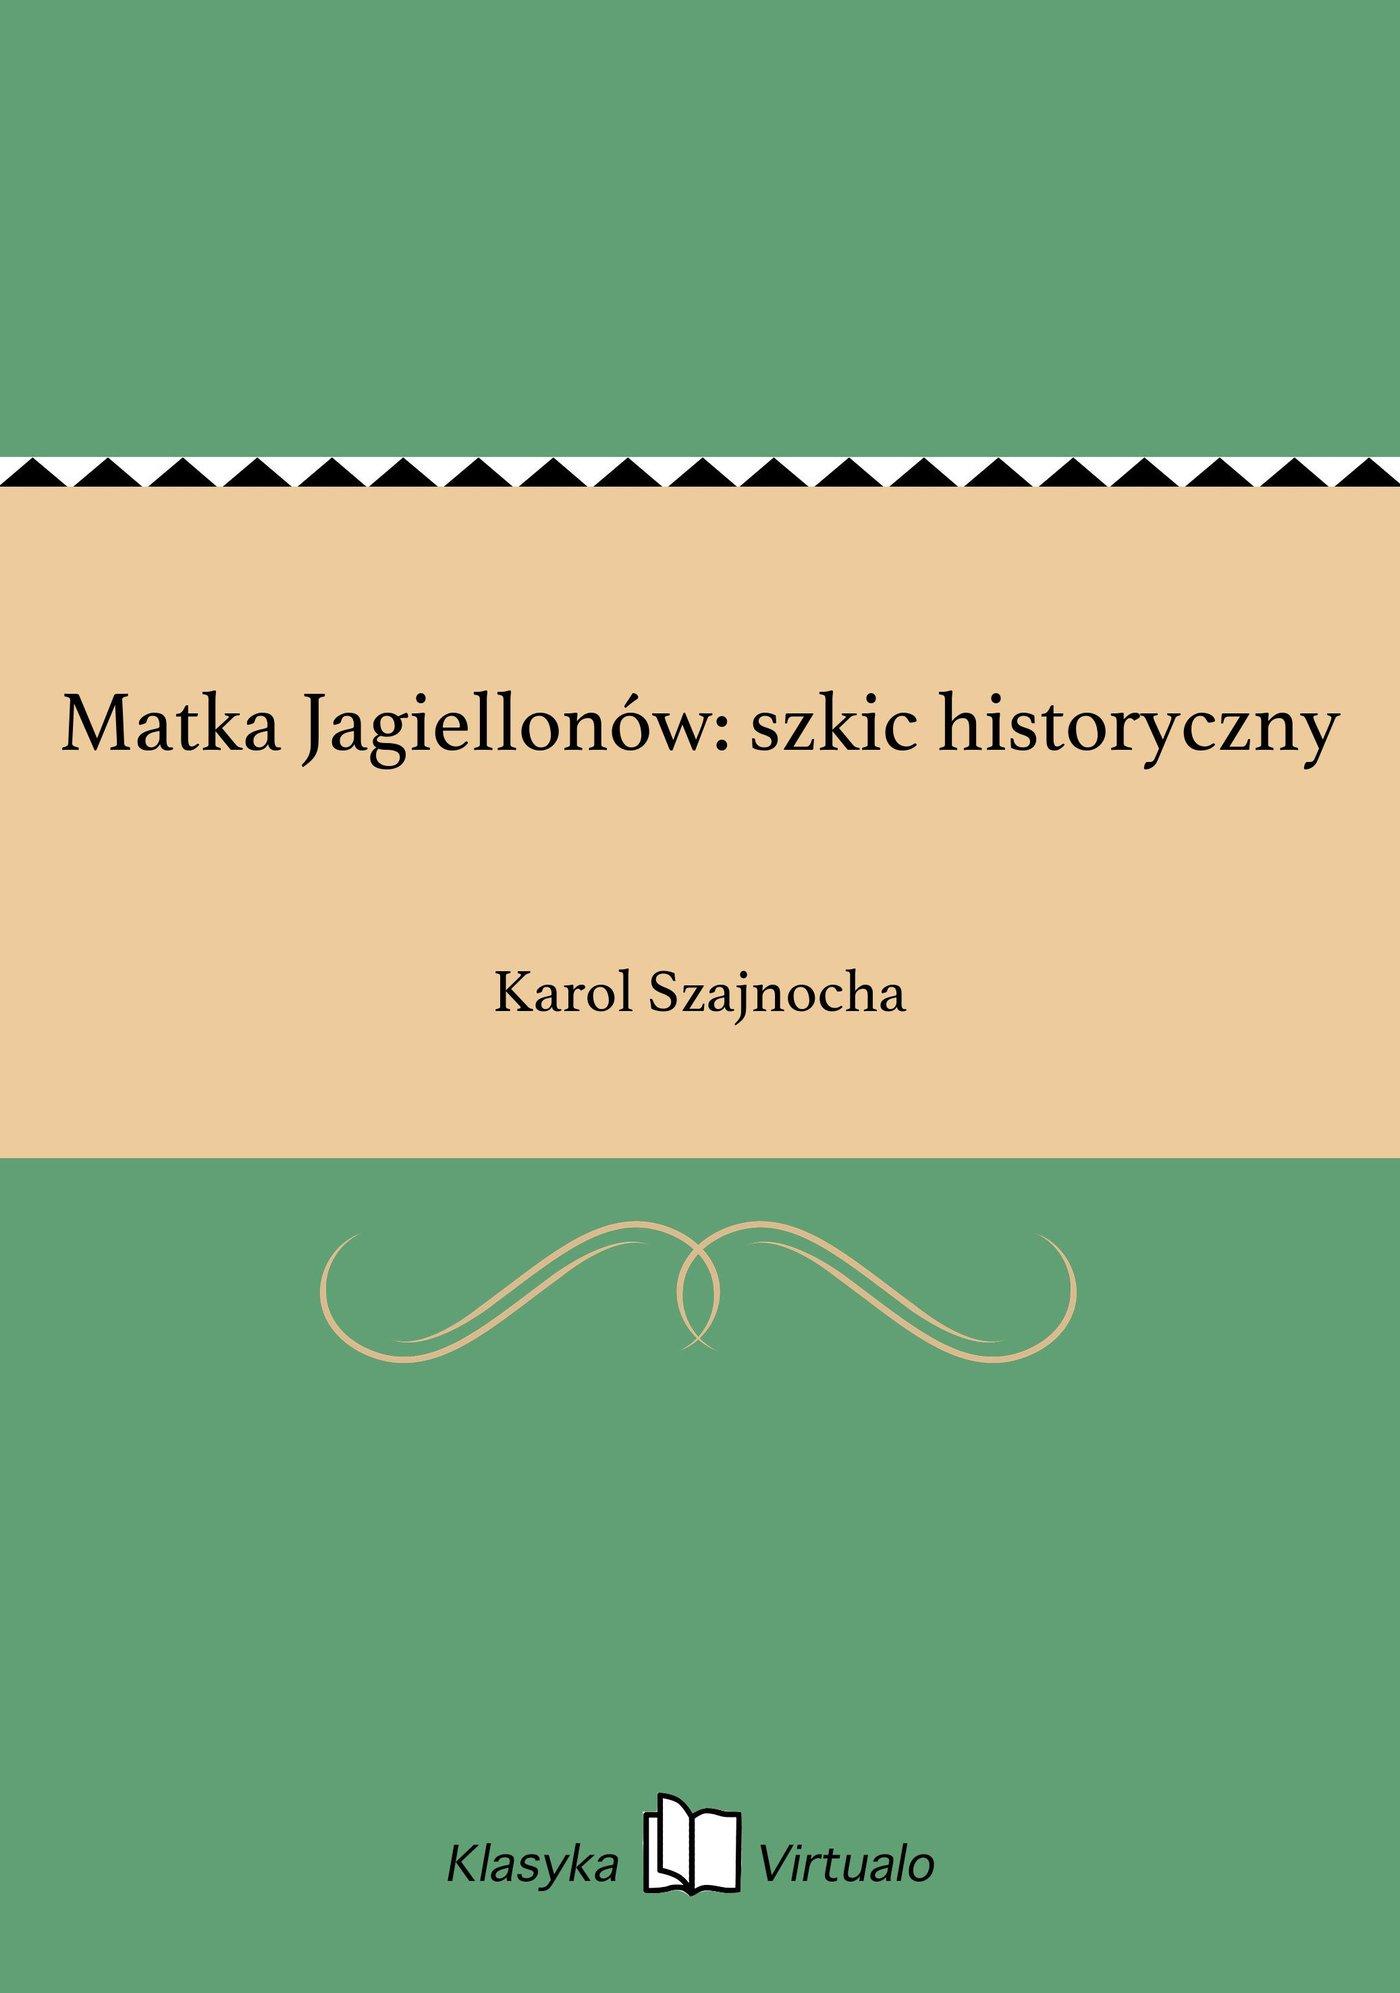 Matka Jagiellonów: szkic historyczny - Ebook (Książka EPUB) do pobrania w formacie EPUB